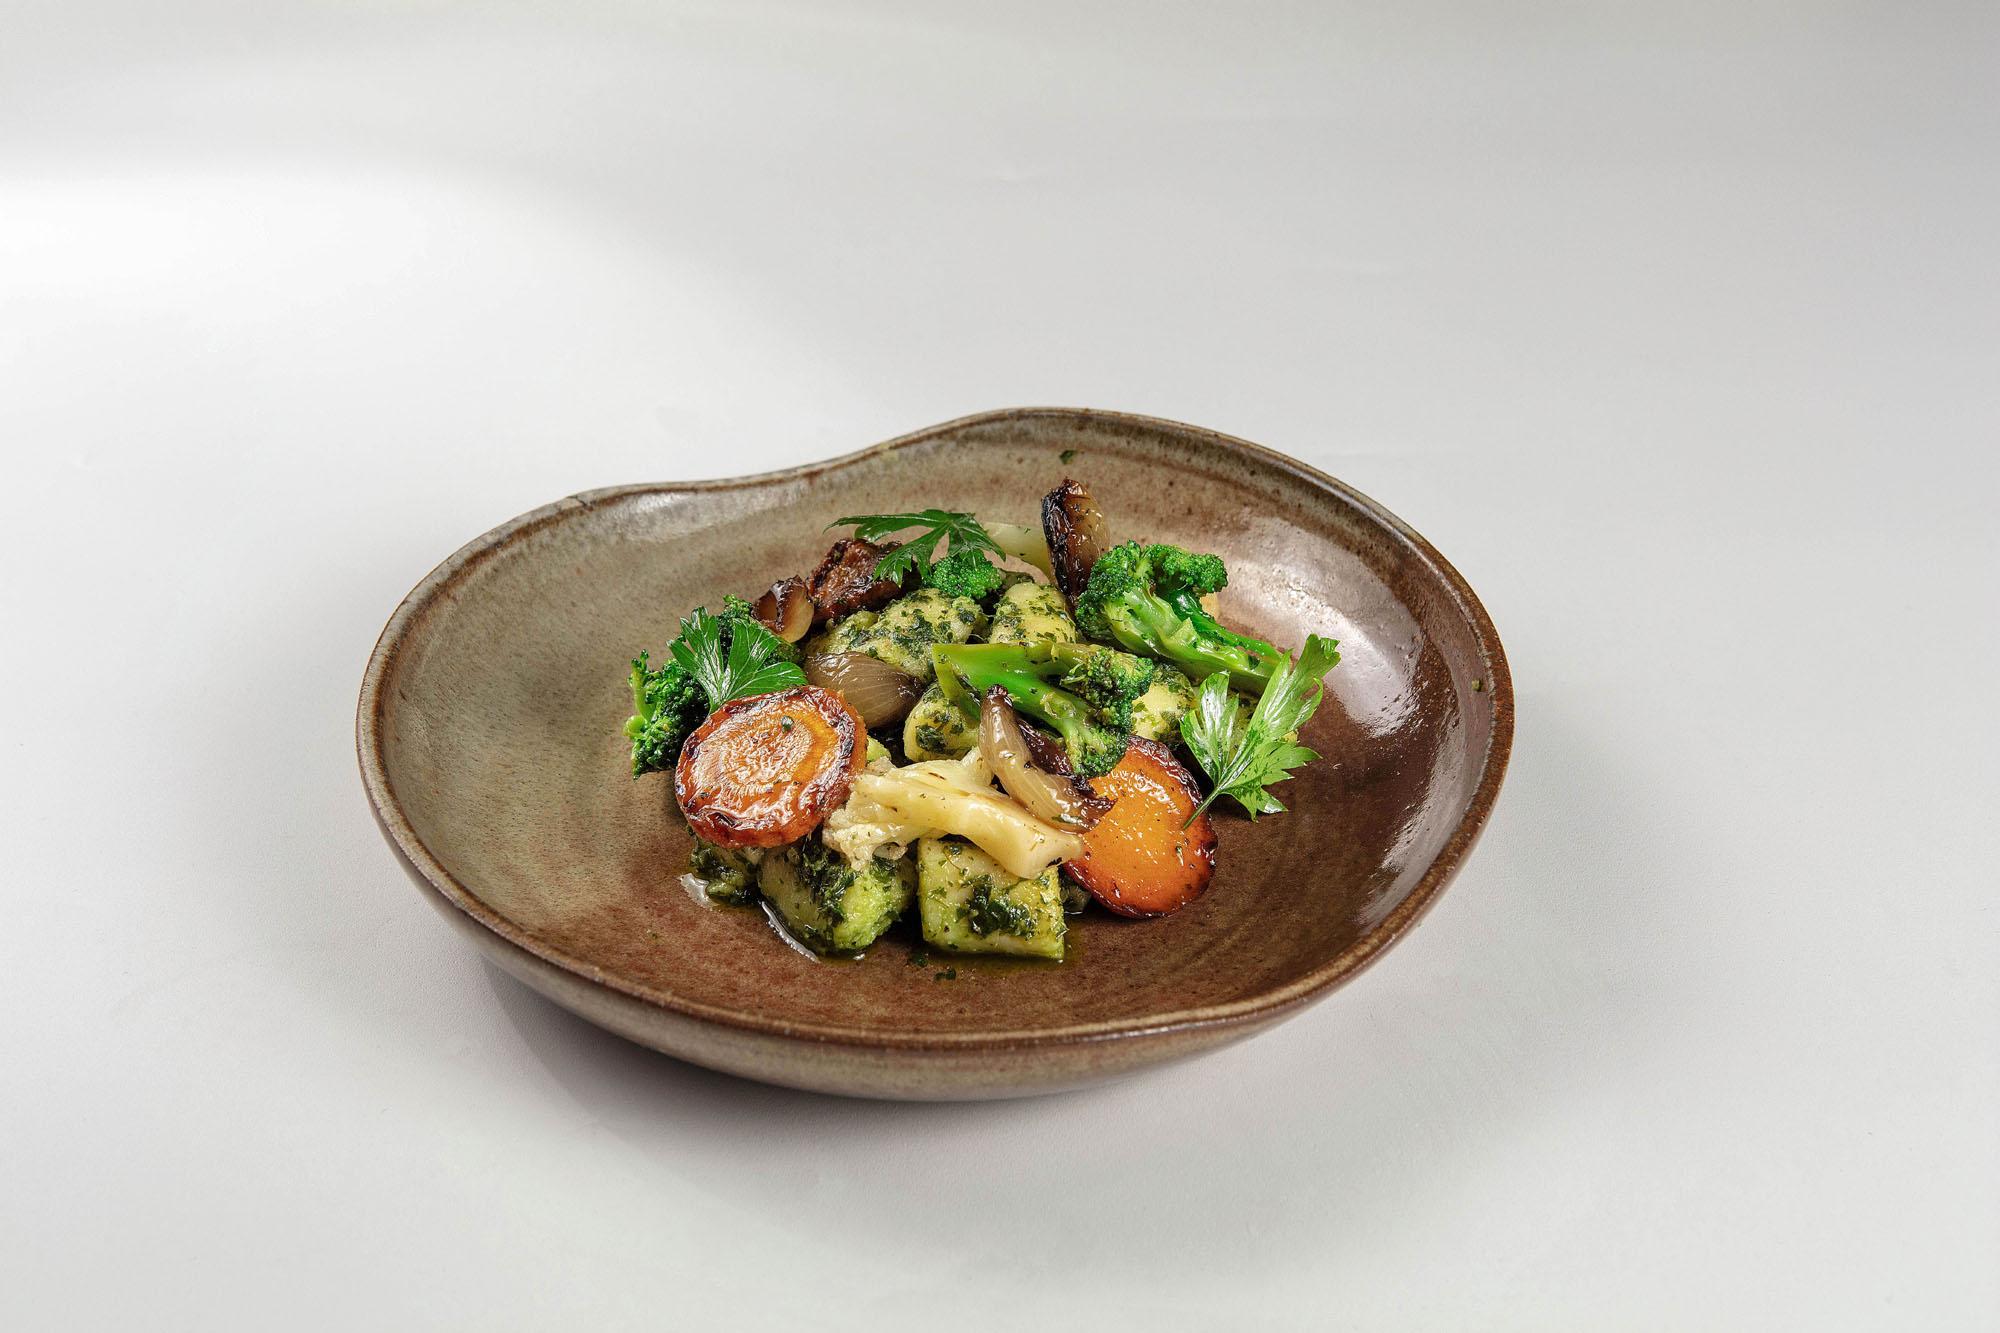 Nhoque de batata, pesto de ervas e mix de vegetais grelhados (380gr)